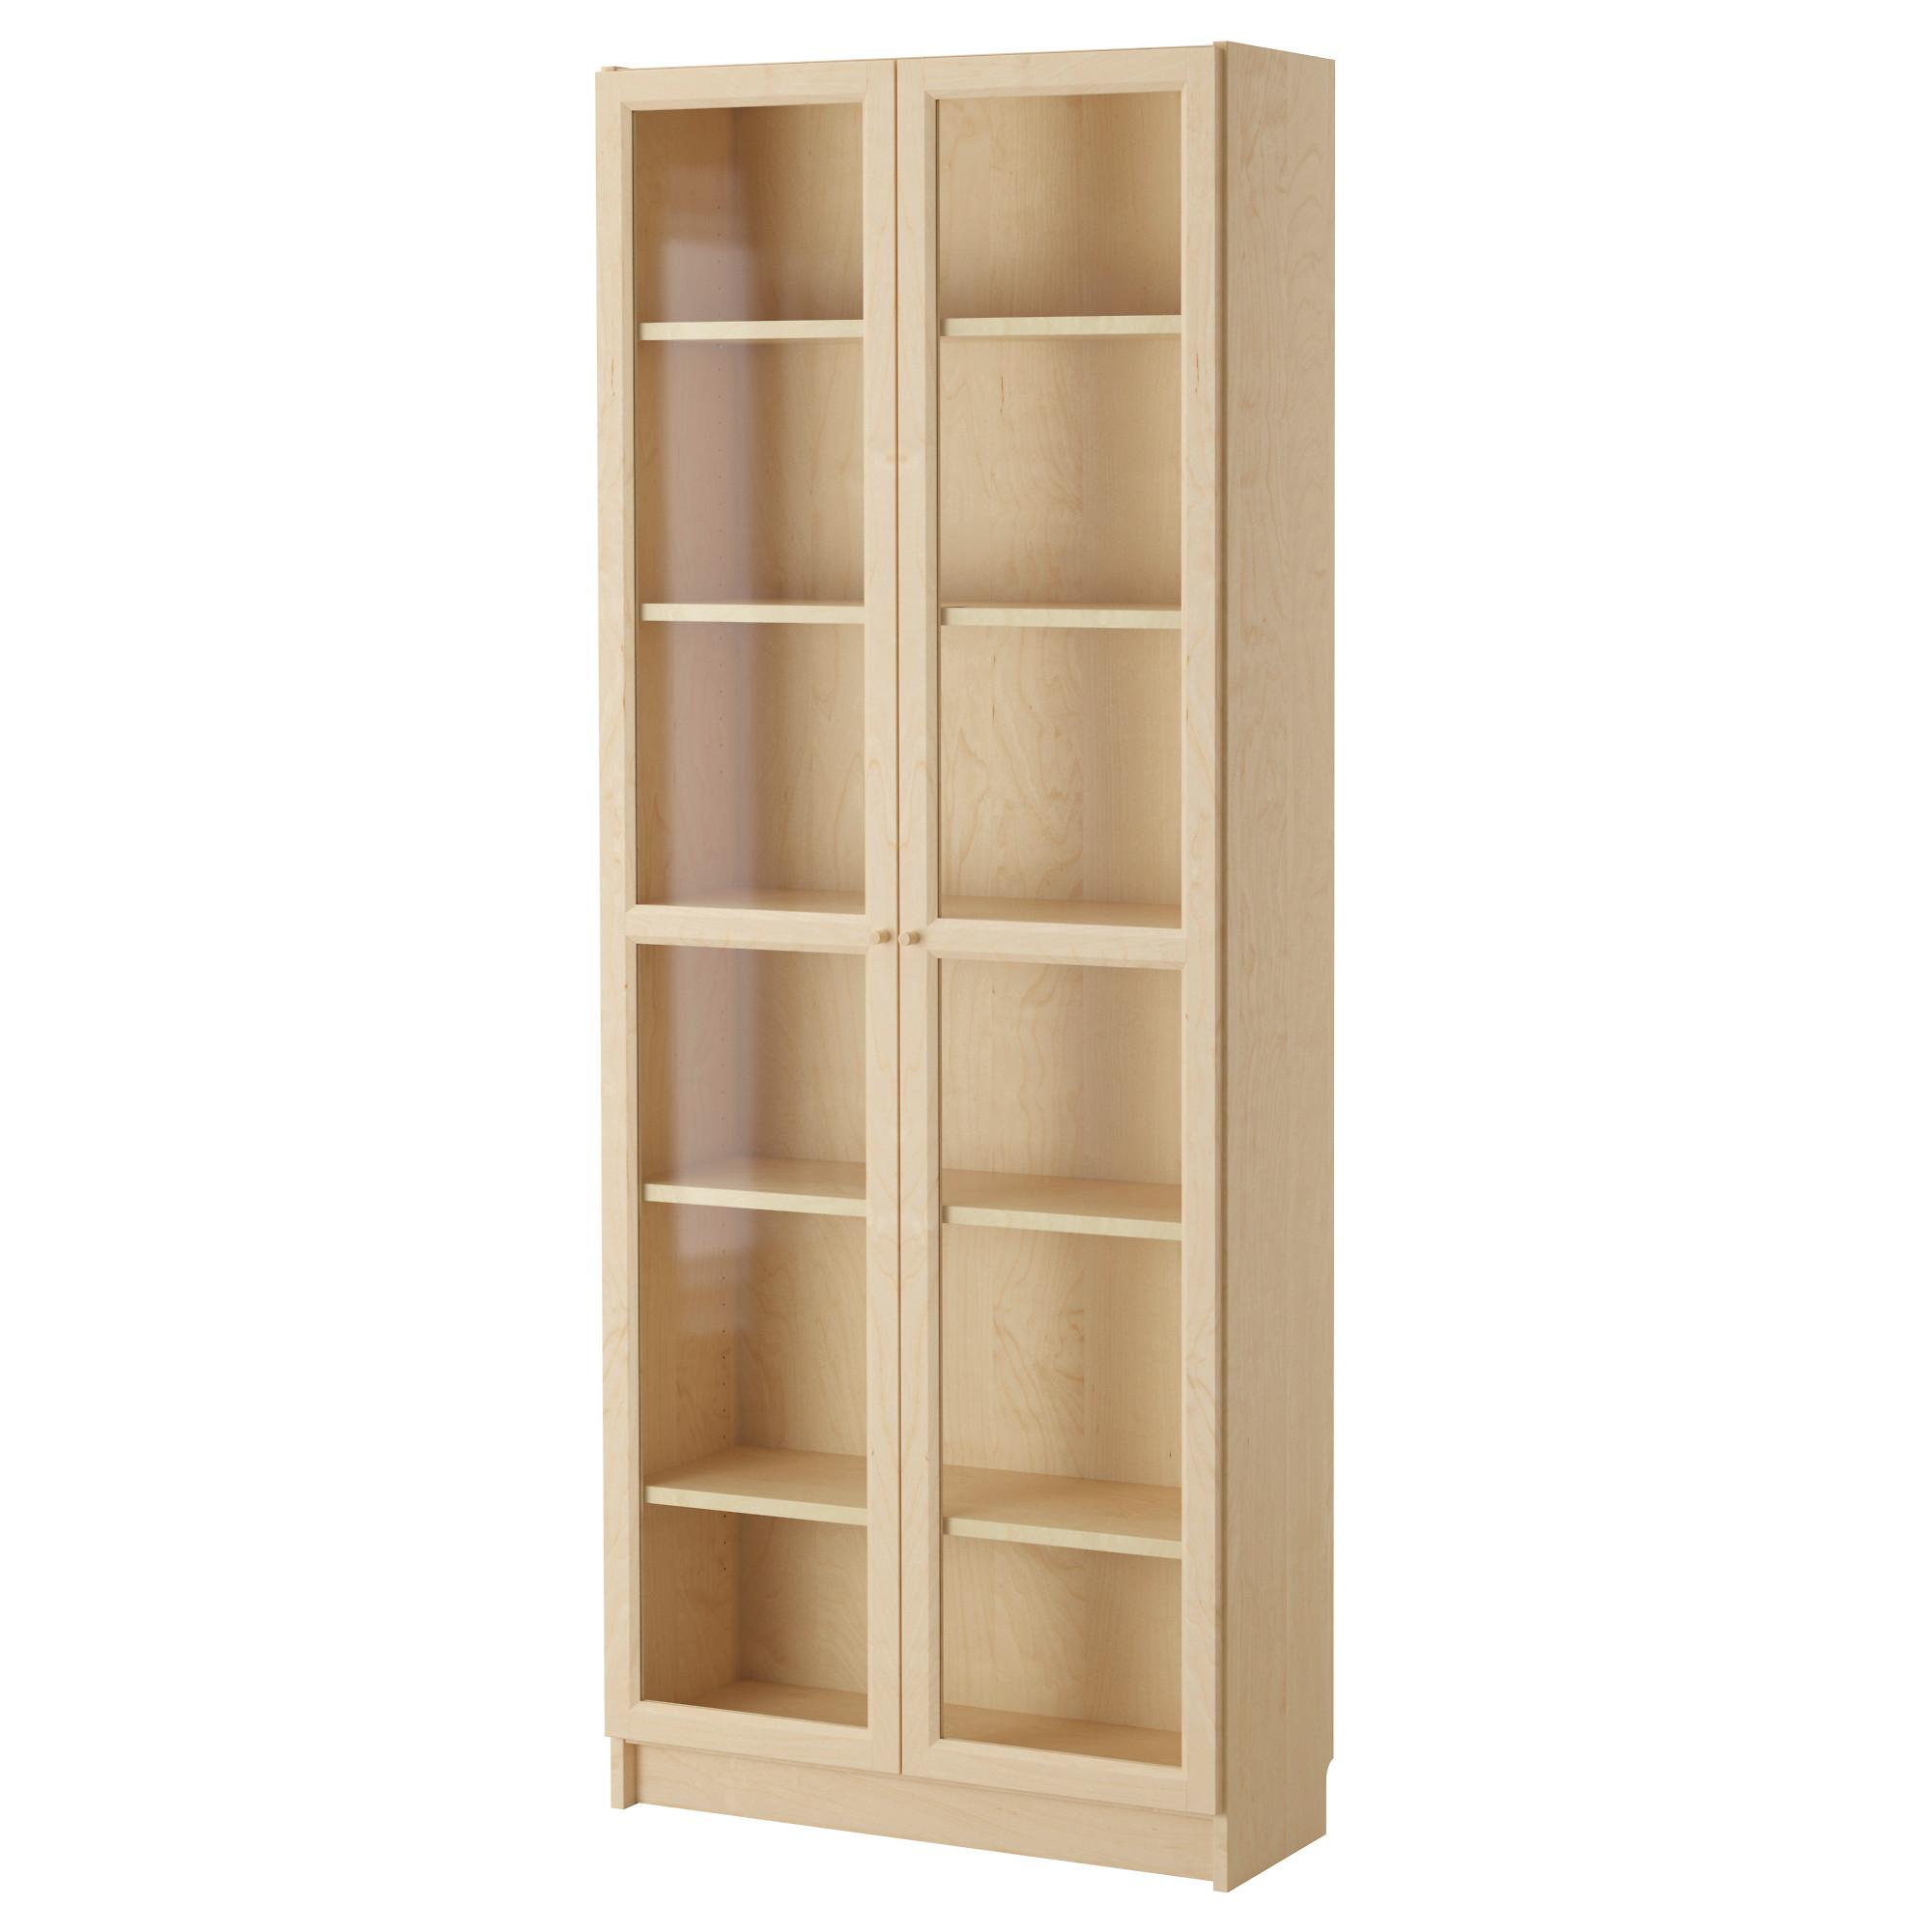 tall bookshelves billy / oxberg bookcase, birch veneer width: 31 1/2  TGLELKV